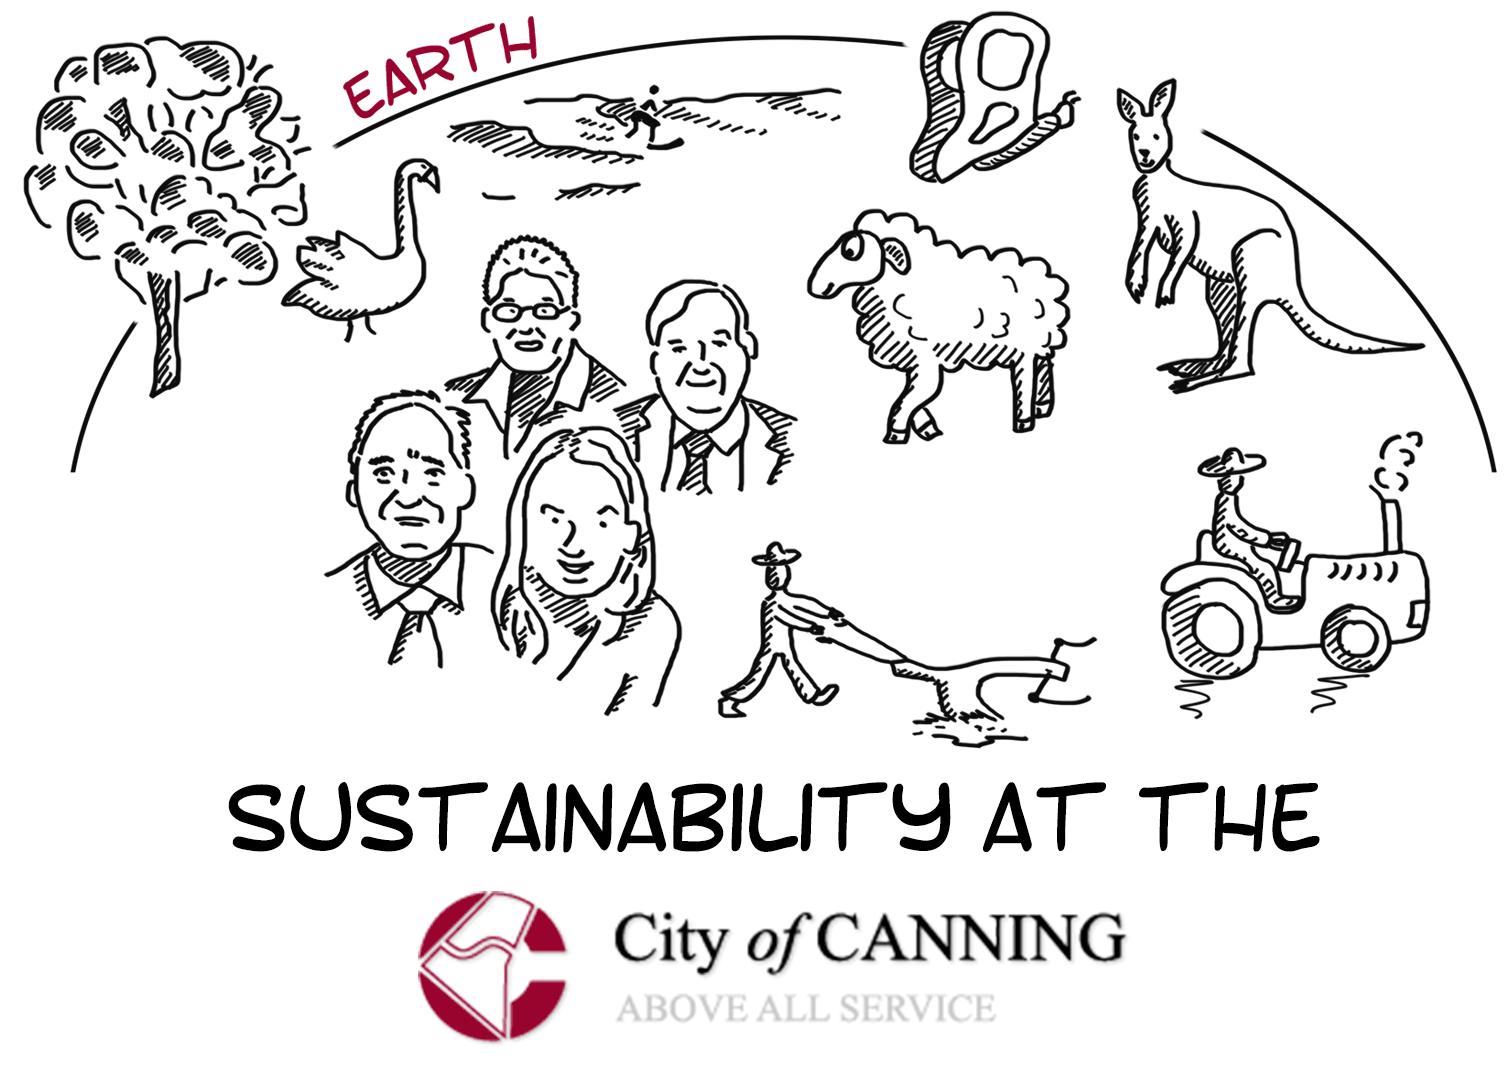 Développement durable à la ville de Canning (Australie)